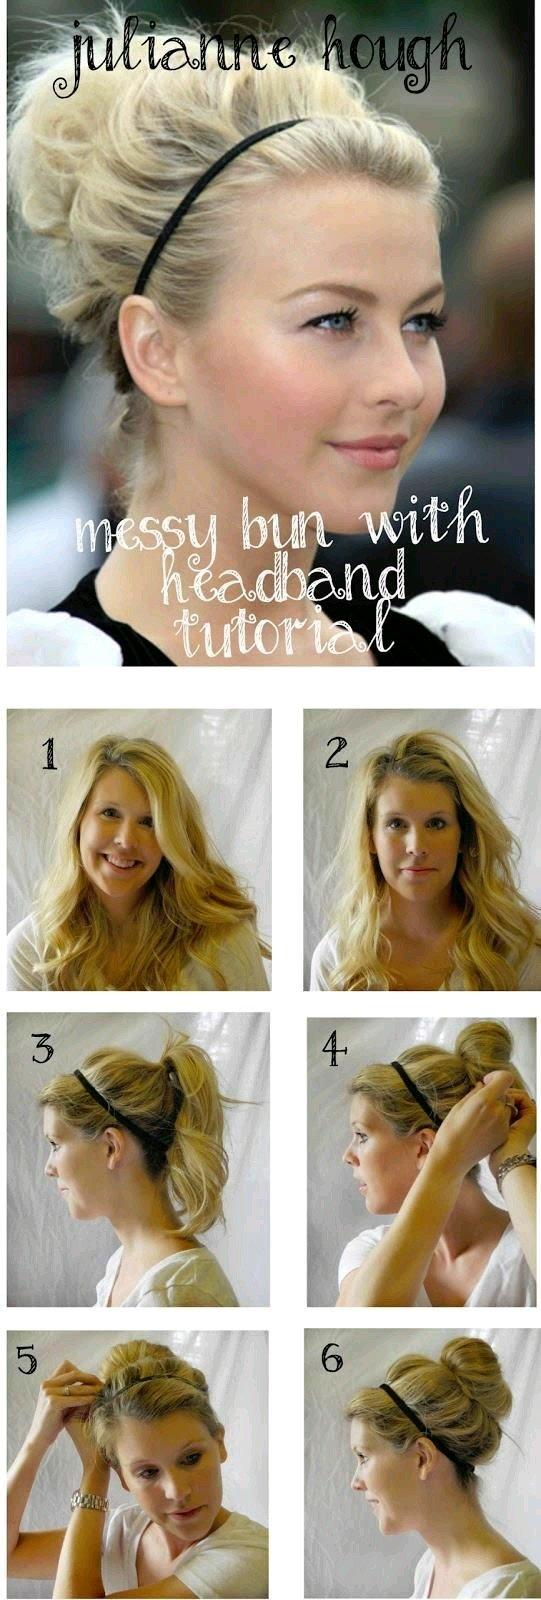 طريقة عمل كعكة الشعر العشوائية مع بندانة الشعر بالصور #تسريحات